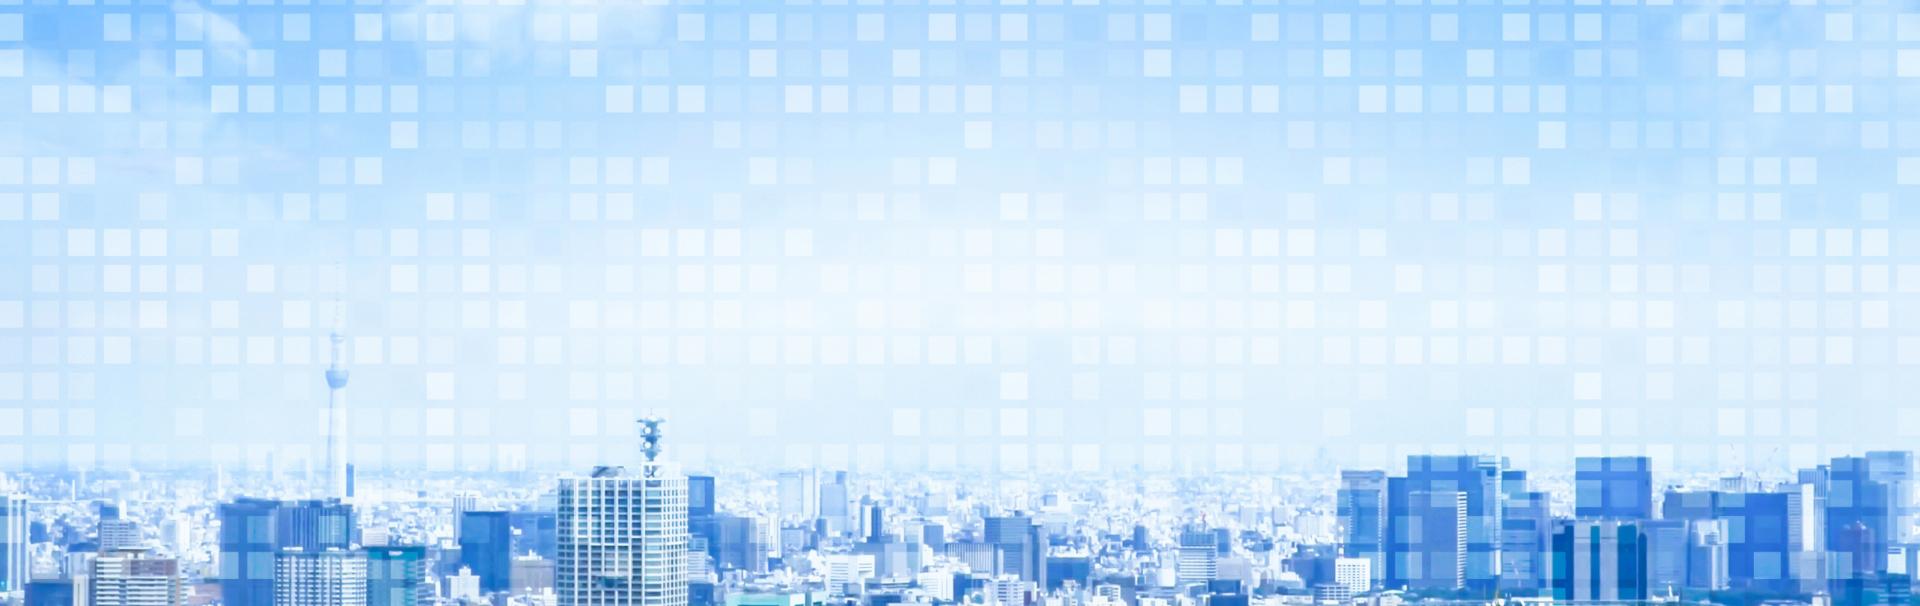 デジタルコンテンツ販売ビジネス スタートアップ支援プログラムイメージ